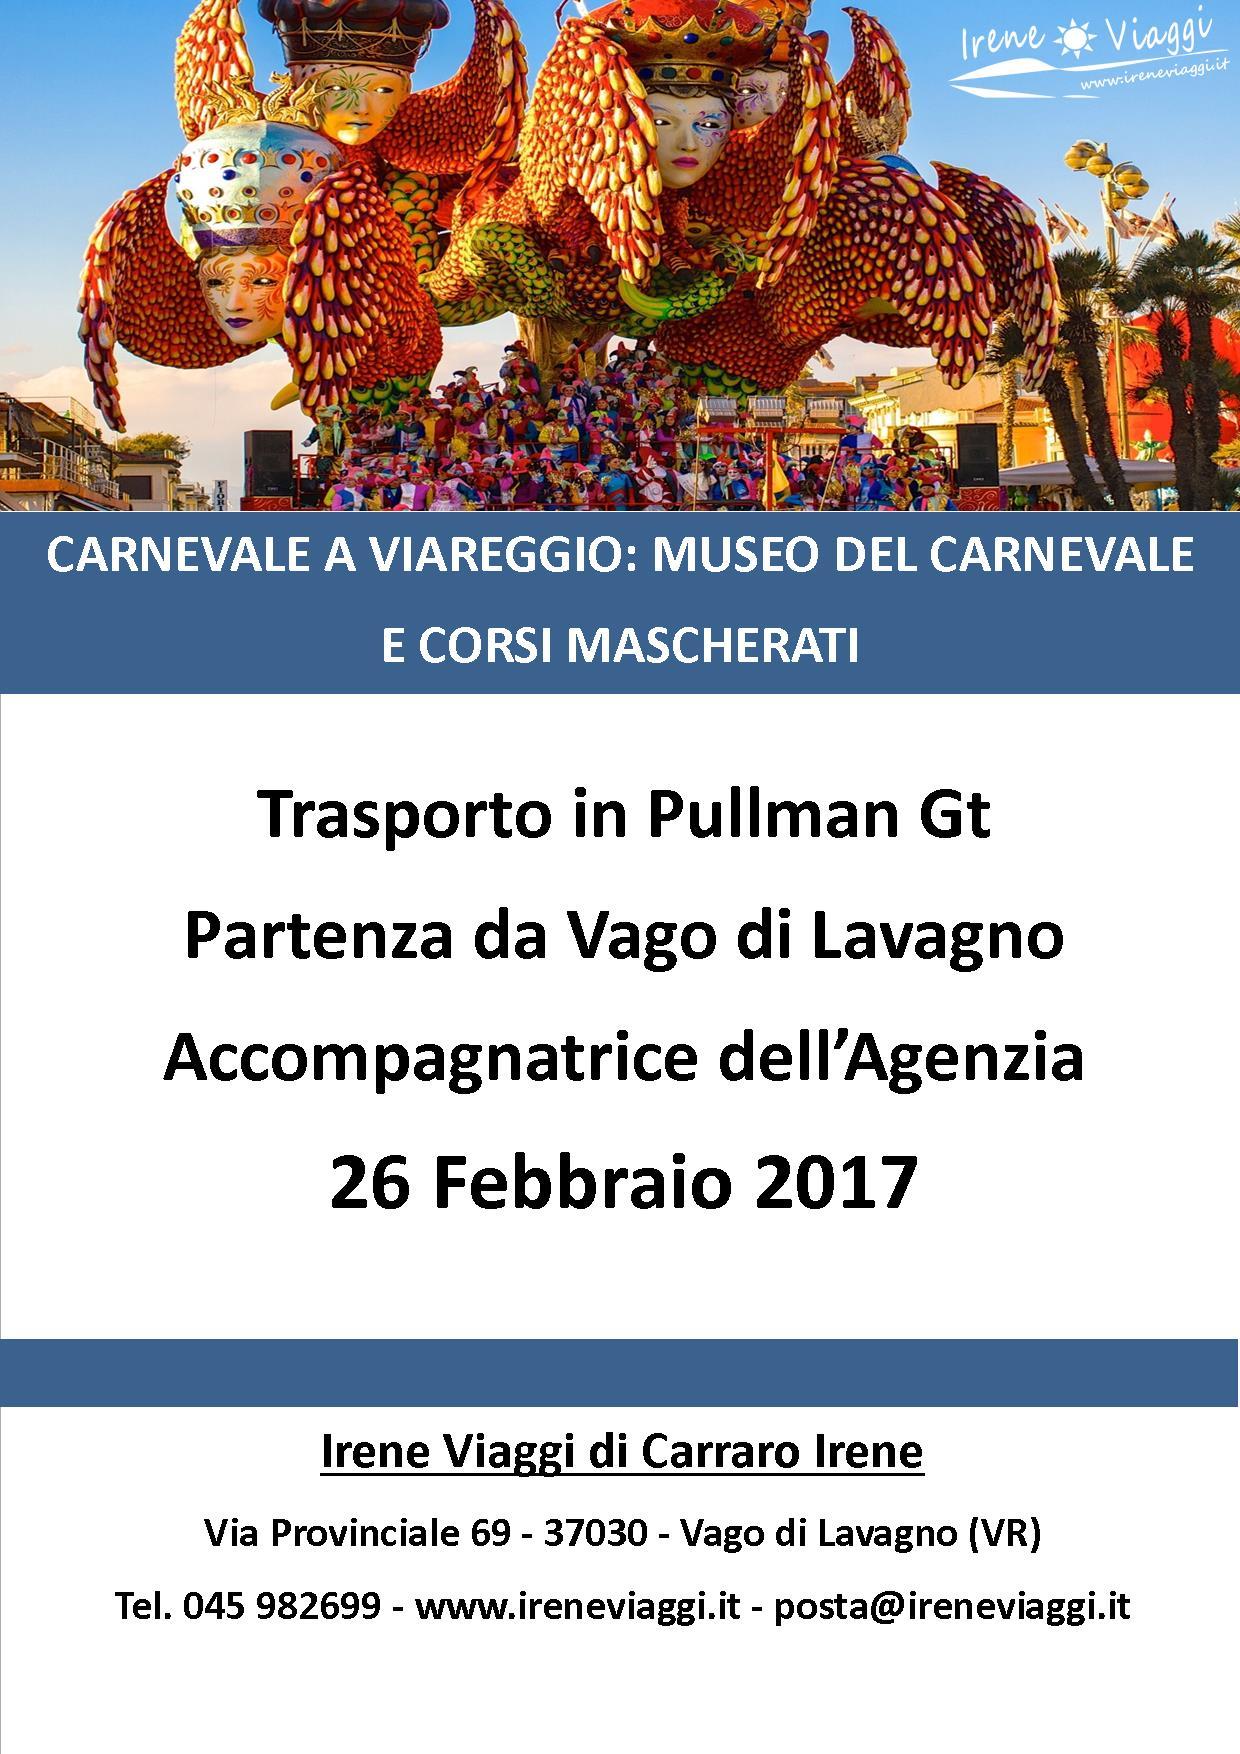 Viareggio: Museo del Carnevale e Carri Mascherati